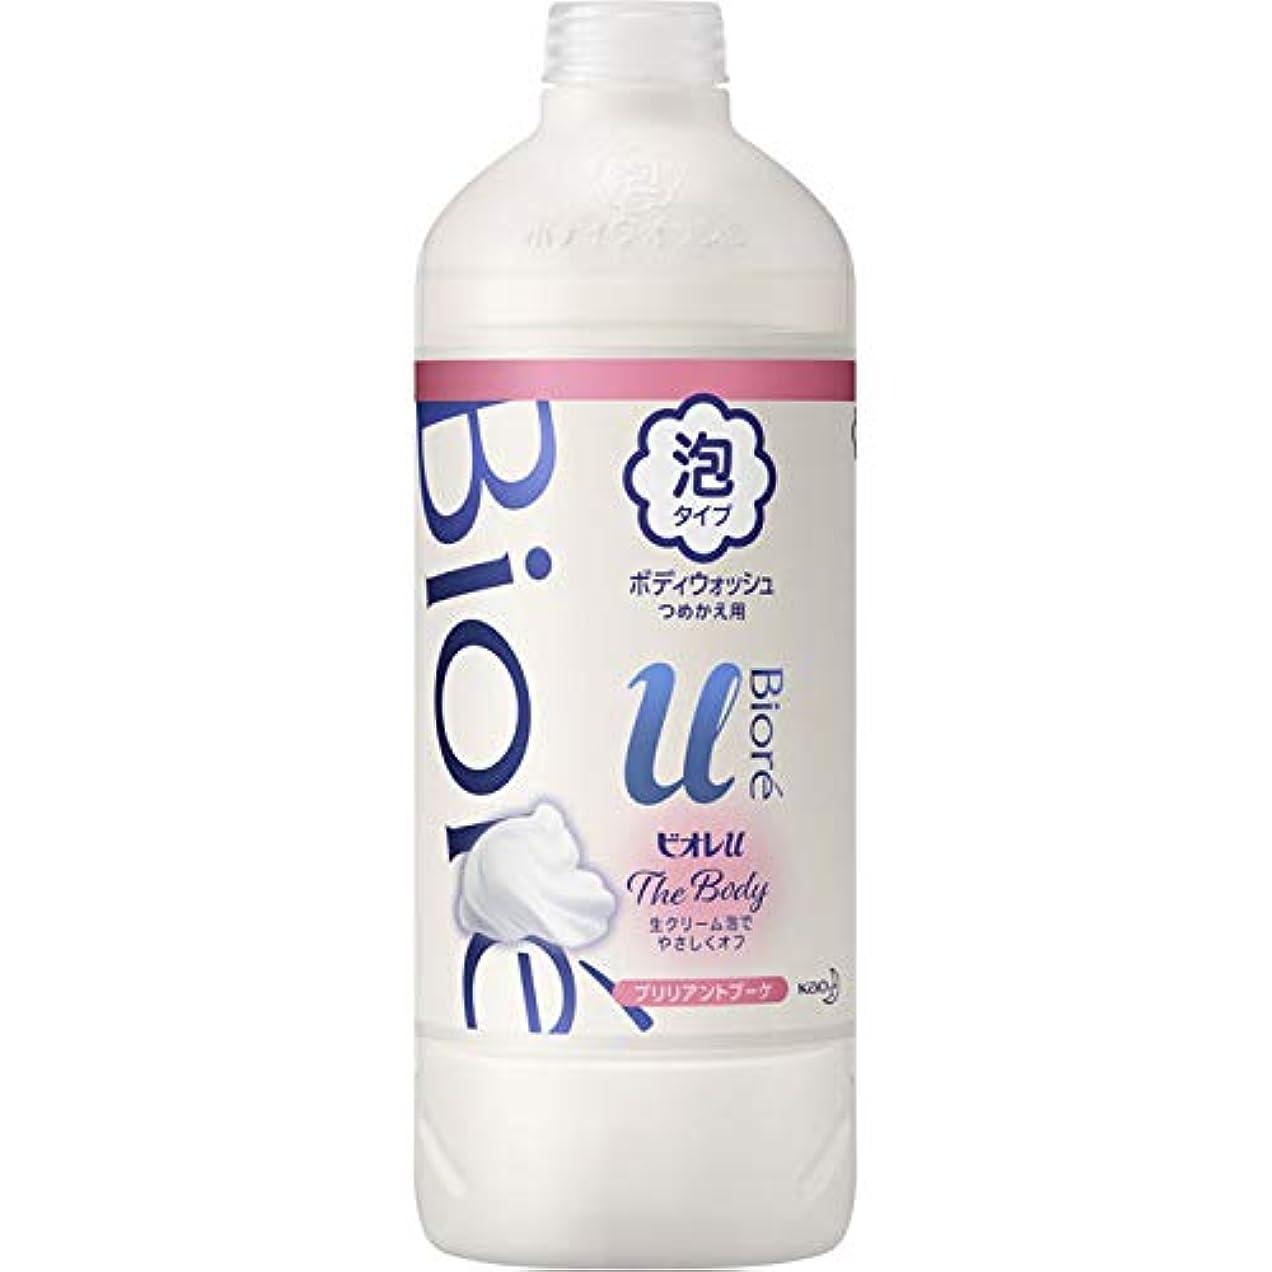 愛情深い天の株式会社花王 ビオレu ザ ボディ泡ブリリアントブーケの香り 詰替え用 450ml